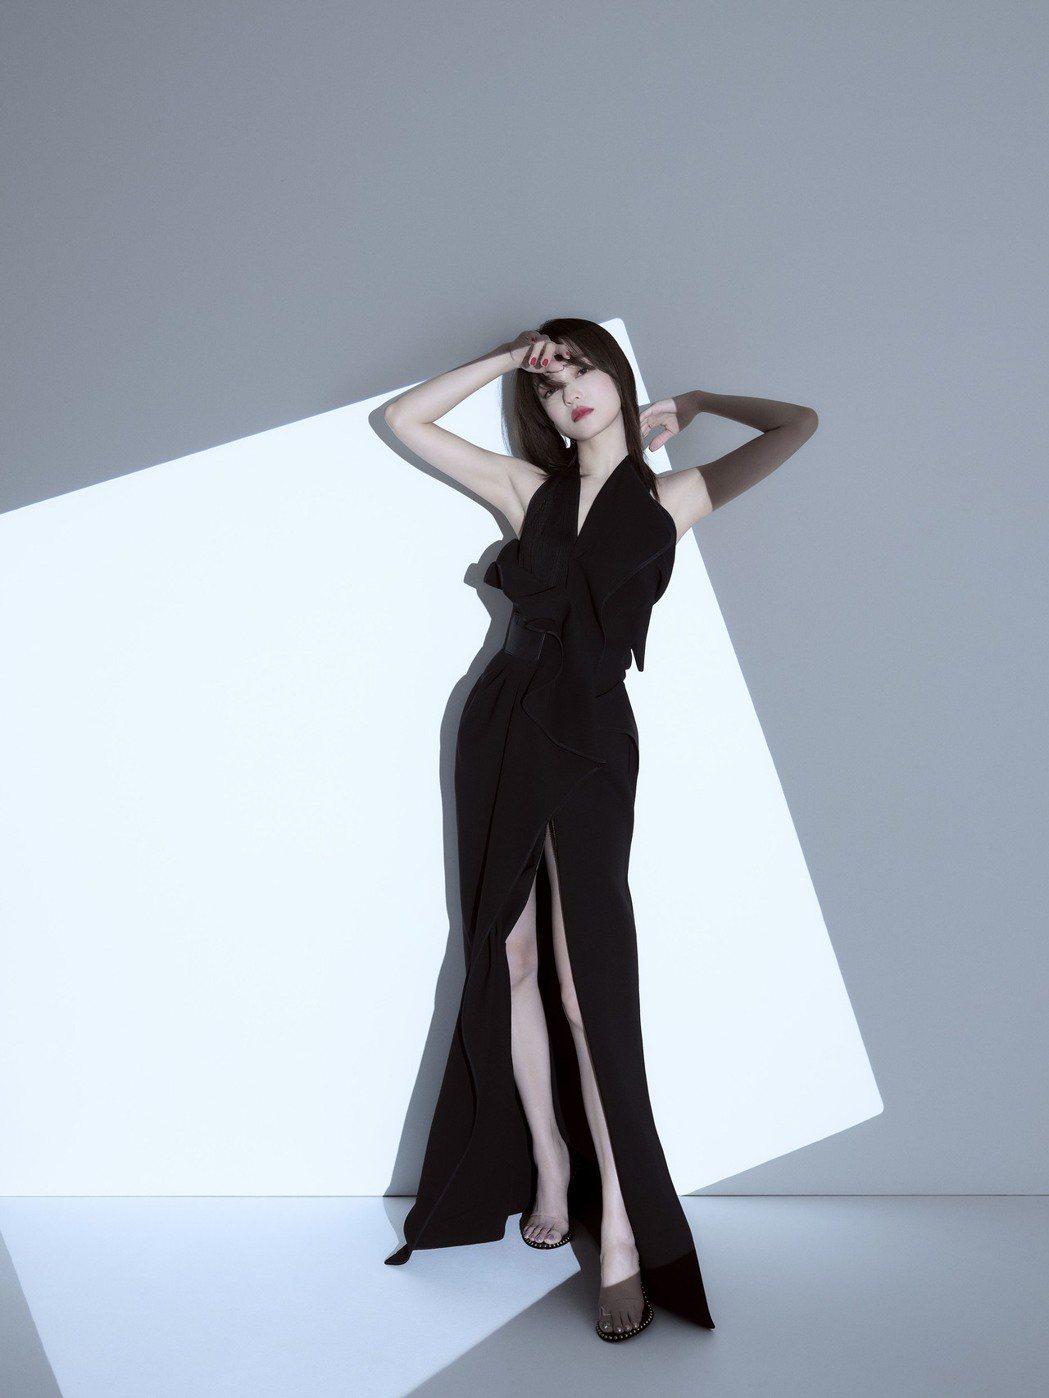 張韶涵的新歌「無度」MV於年前上線。圖/心喜文化提供